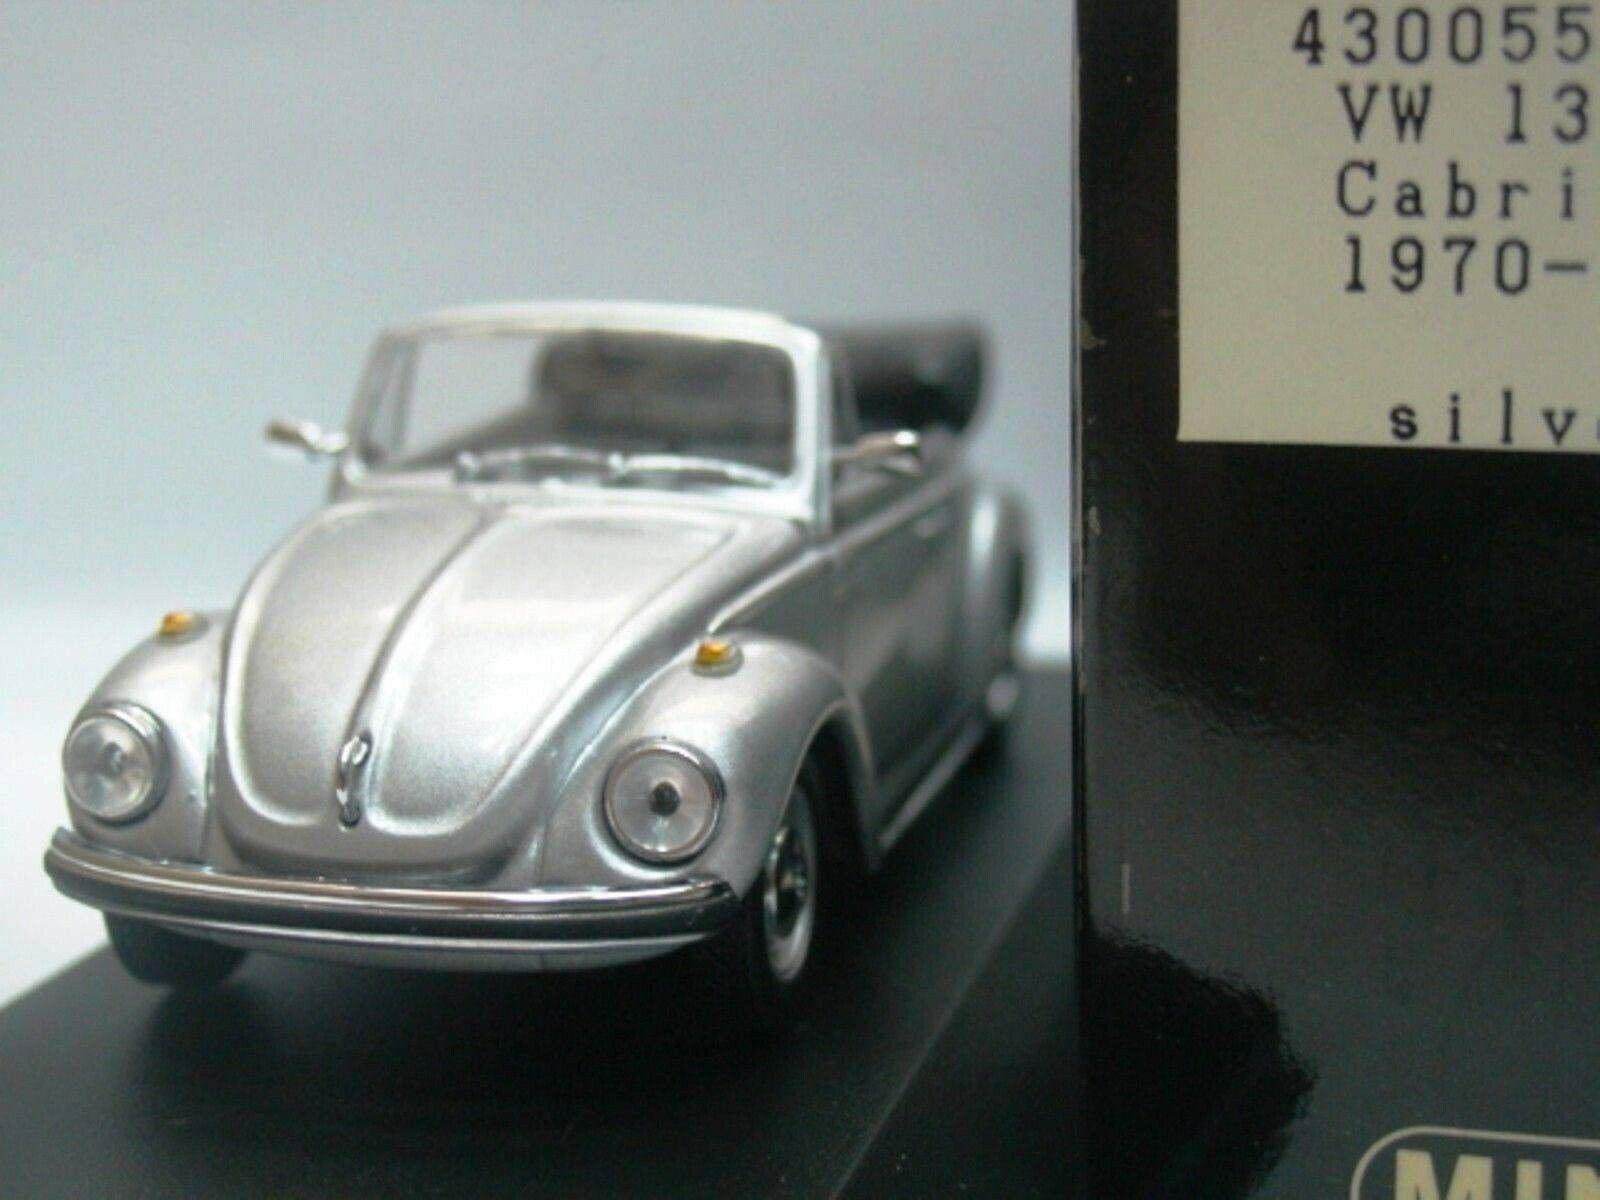 Wow extrêmement rare VW Beetle Käfer 1302 Cabriolet Argent 1970 m 1 43 Minichamps